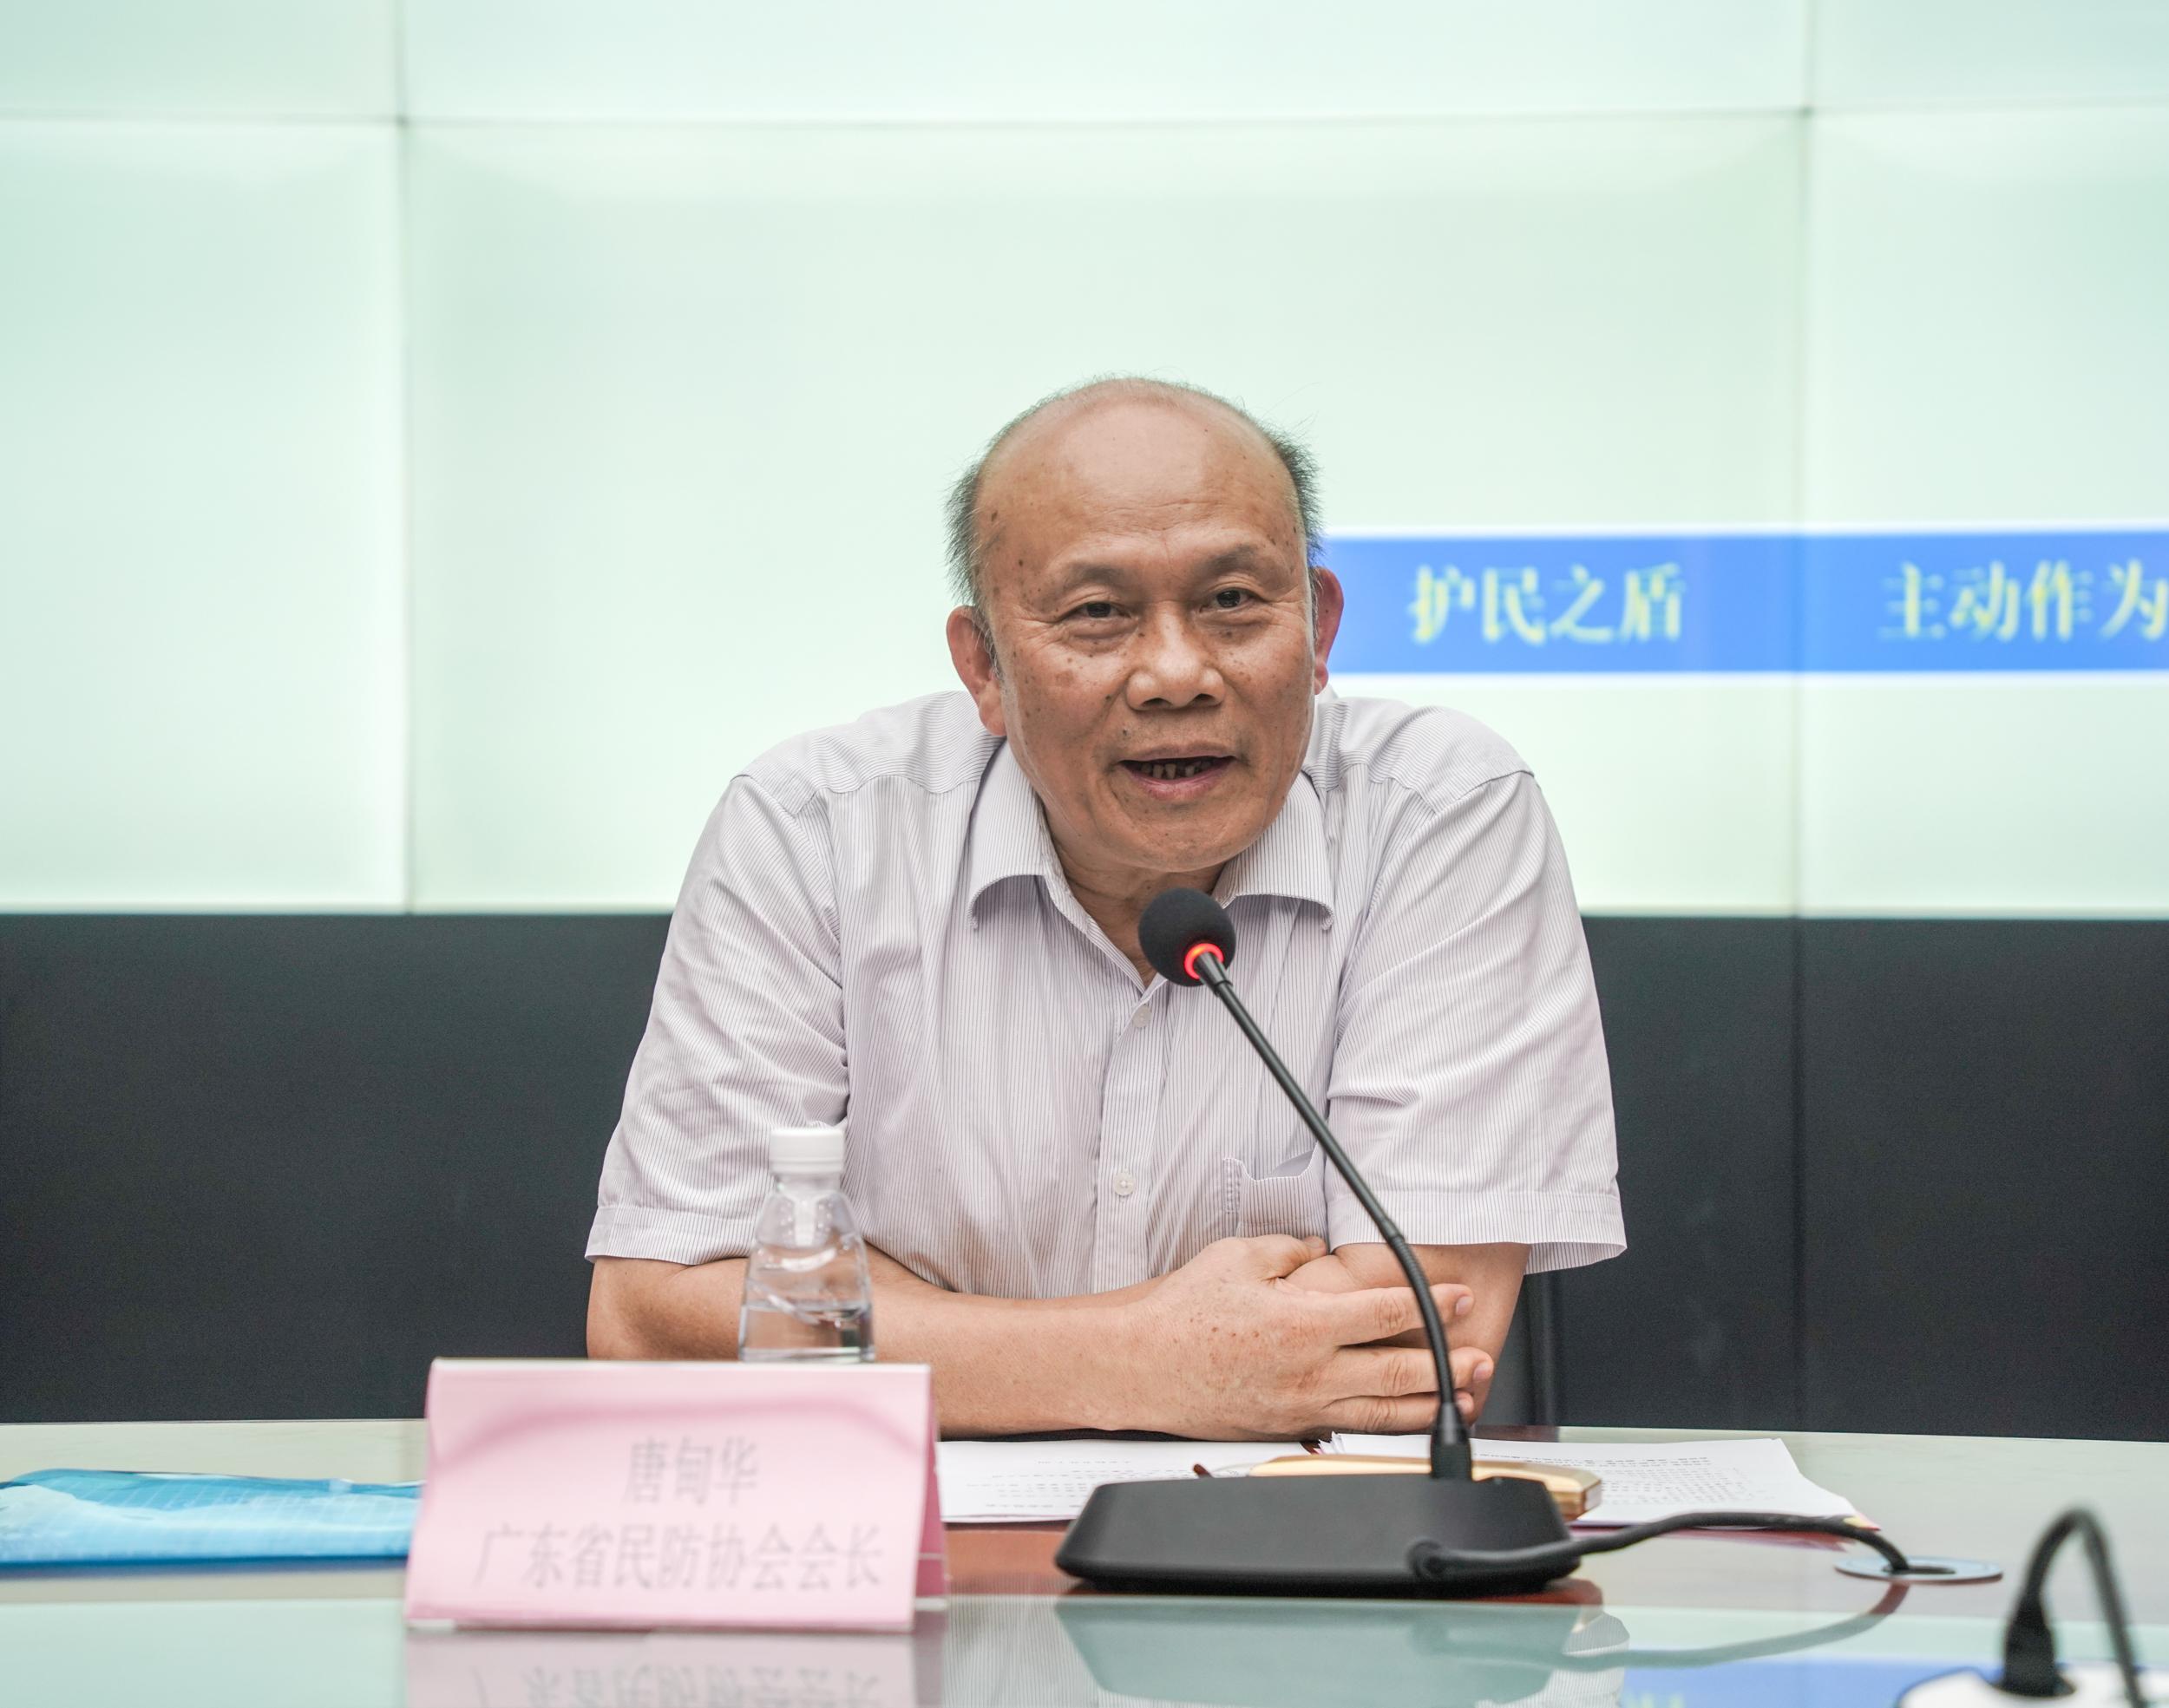 广东省民防协会会长唐甸华讲话